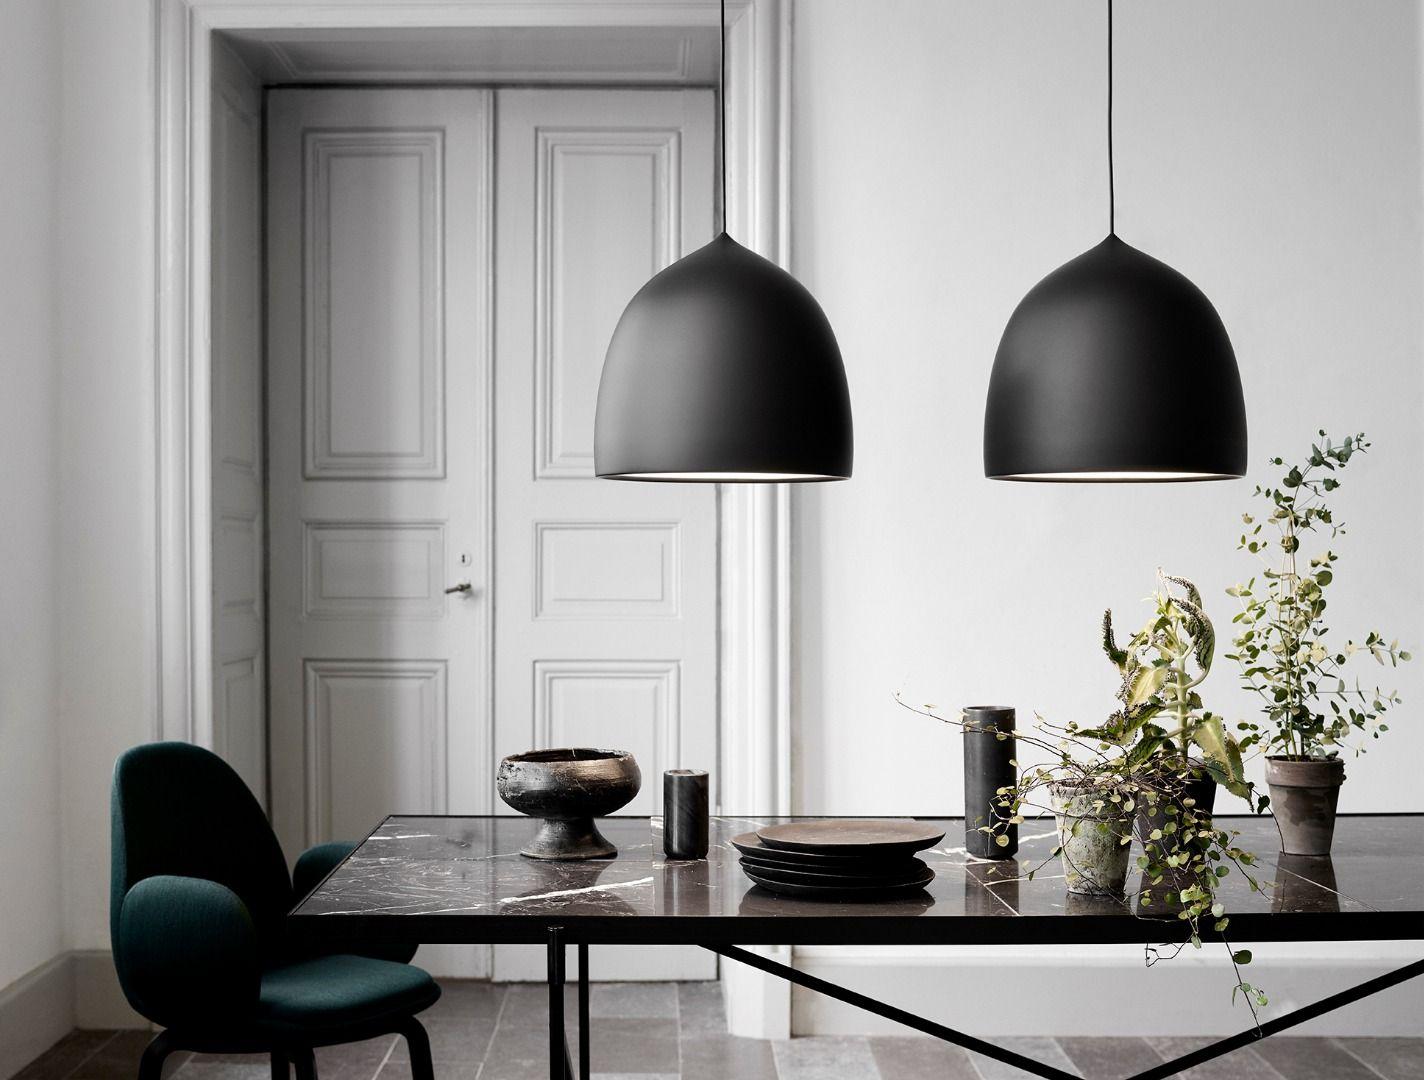 Dizajnersko Osvetlenie Suspence Designed By Gamfratesi 2016 Luxuriose Inneneinrichtung Lampe Esstisch Dekor